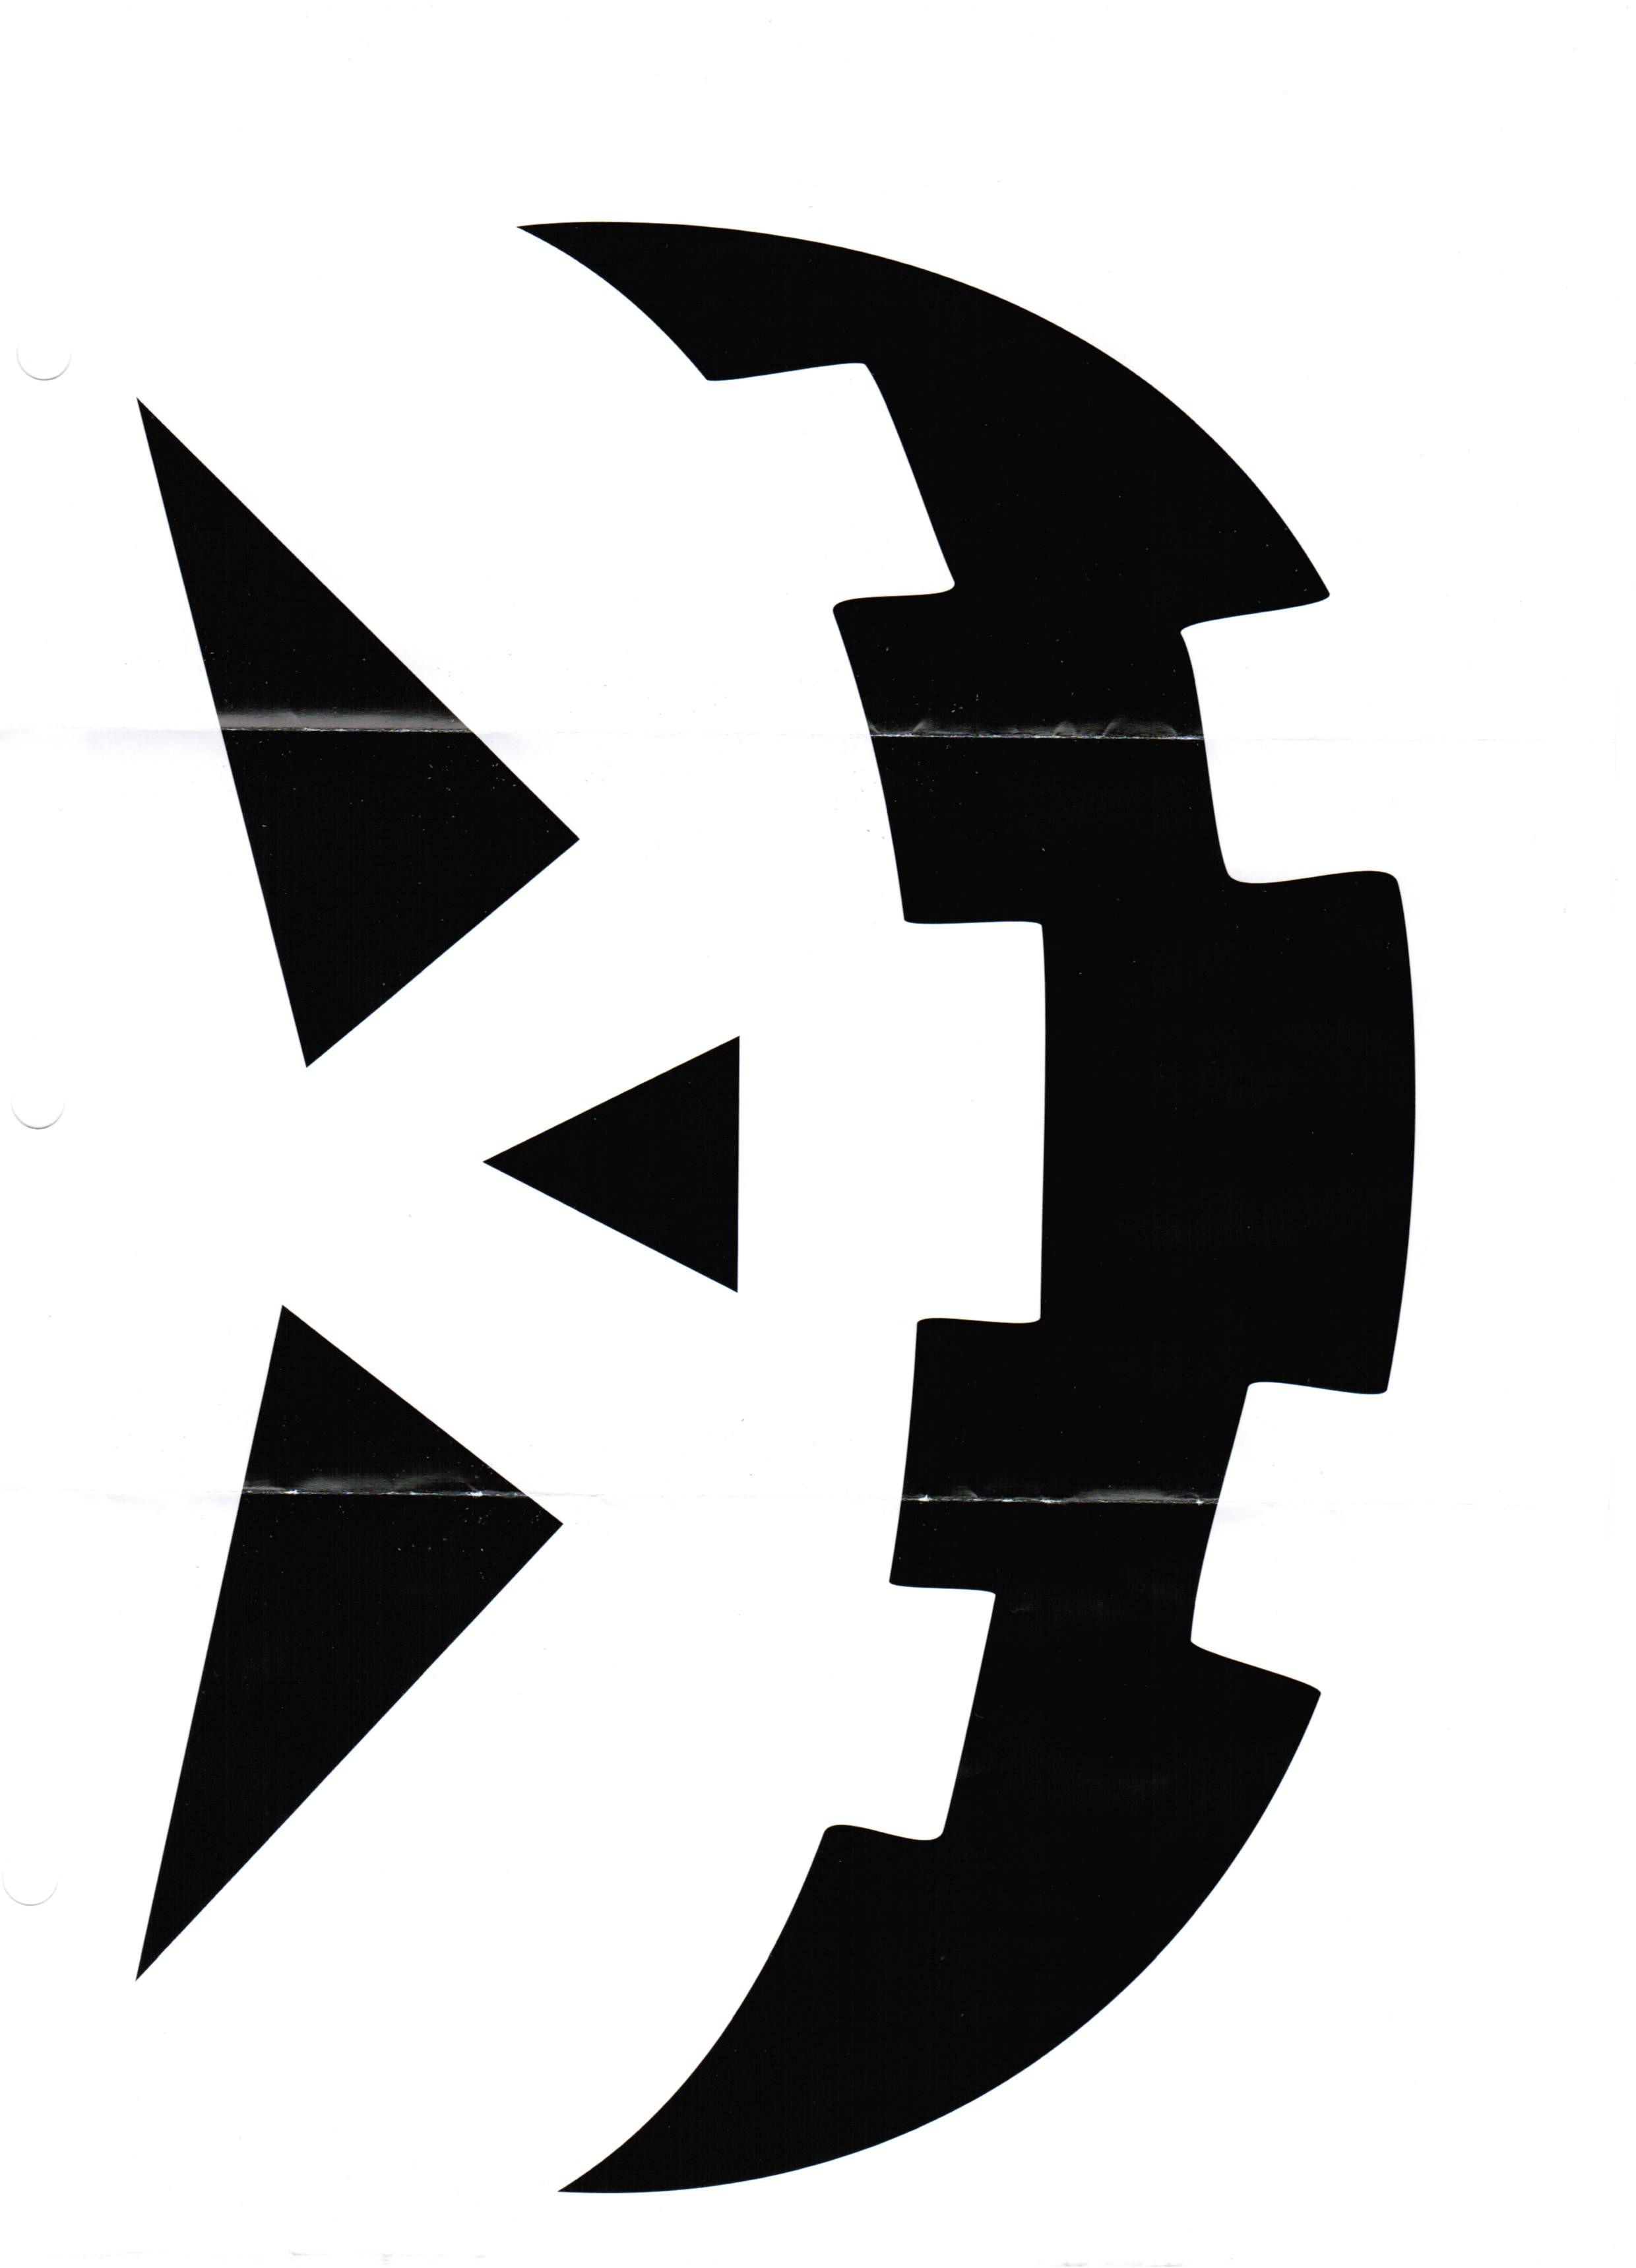 Modele Citrouille Imprimer | Super pictures, Pixel art, Halloween decorations